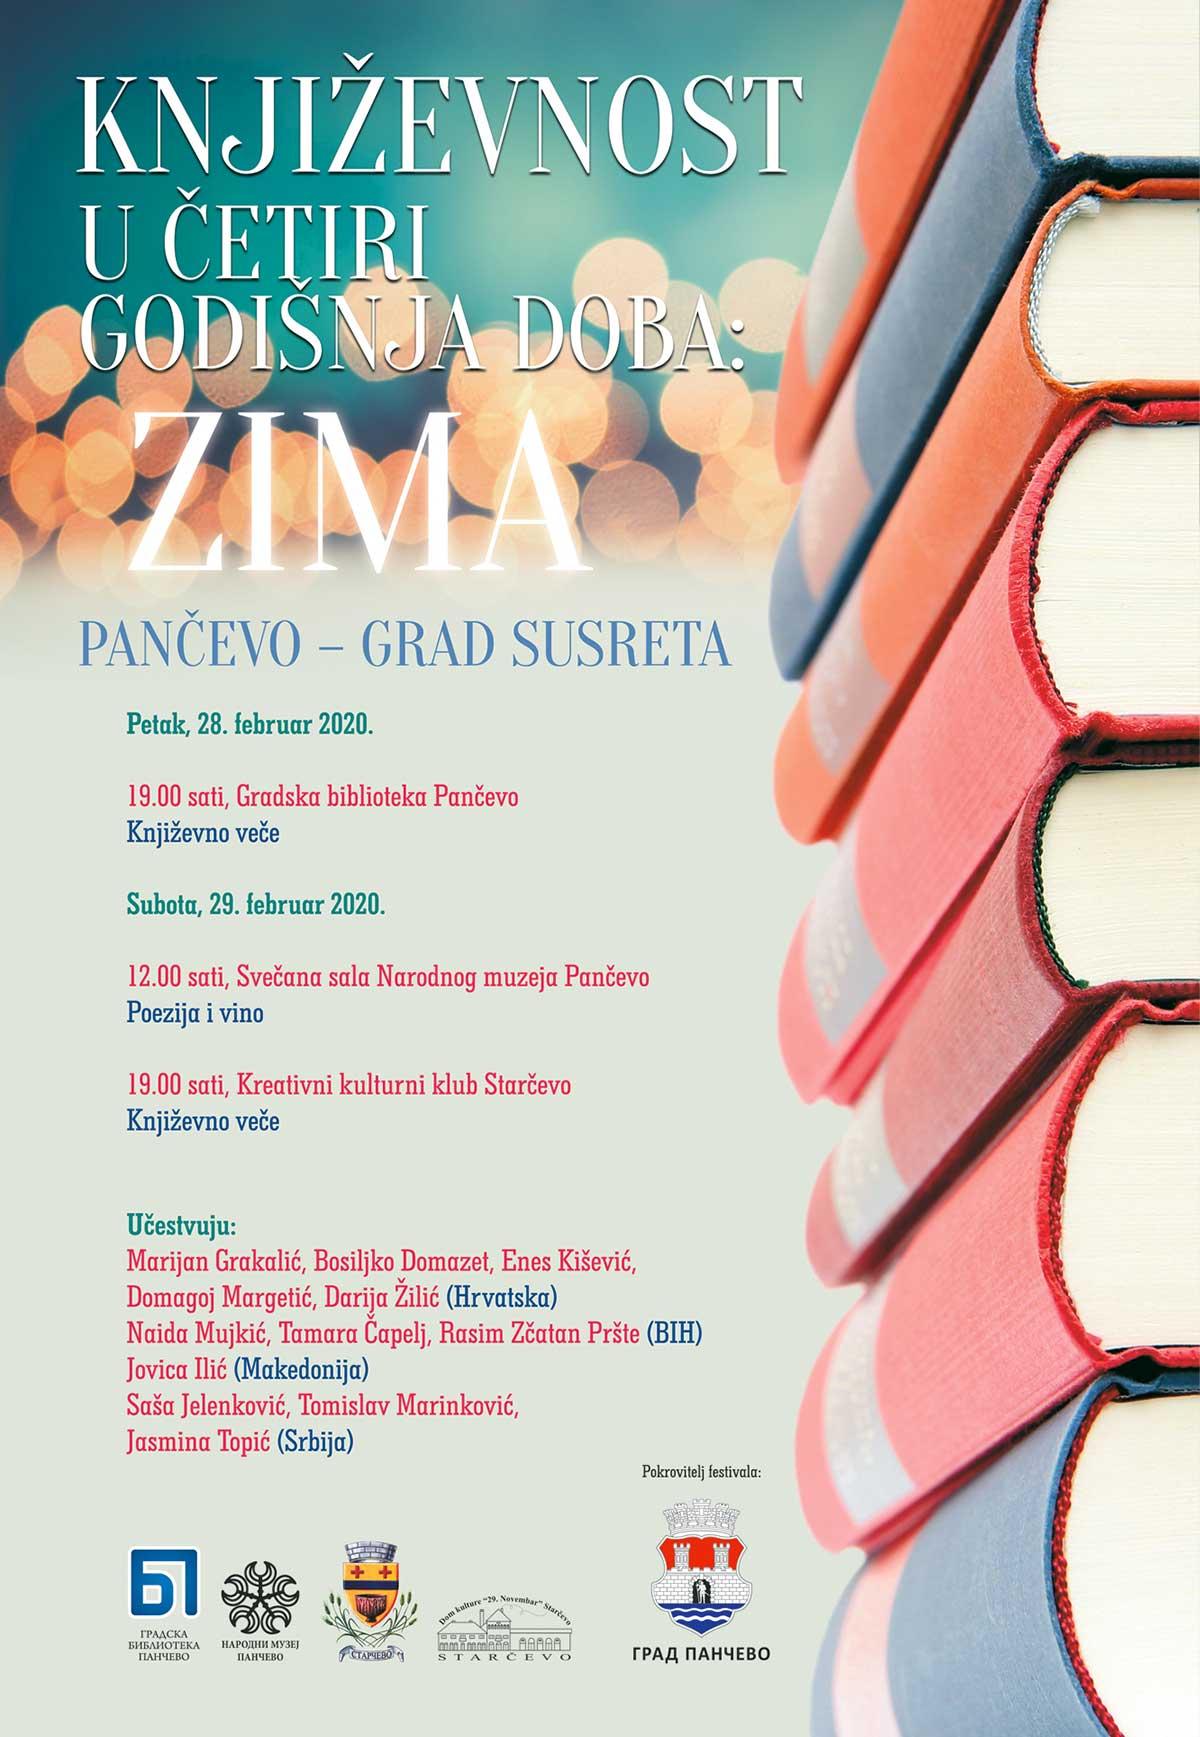 """Књижевни фестивал """"Књижевност у четири годишња доба"""""""